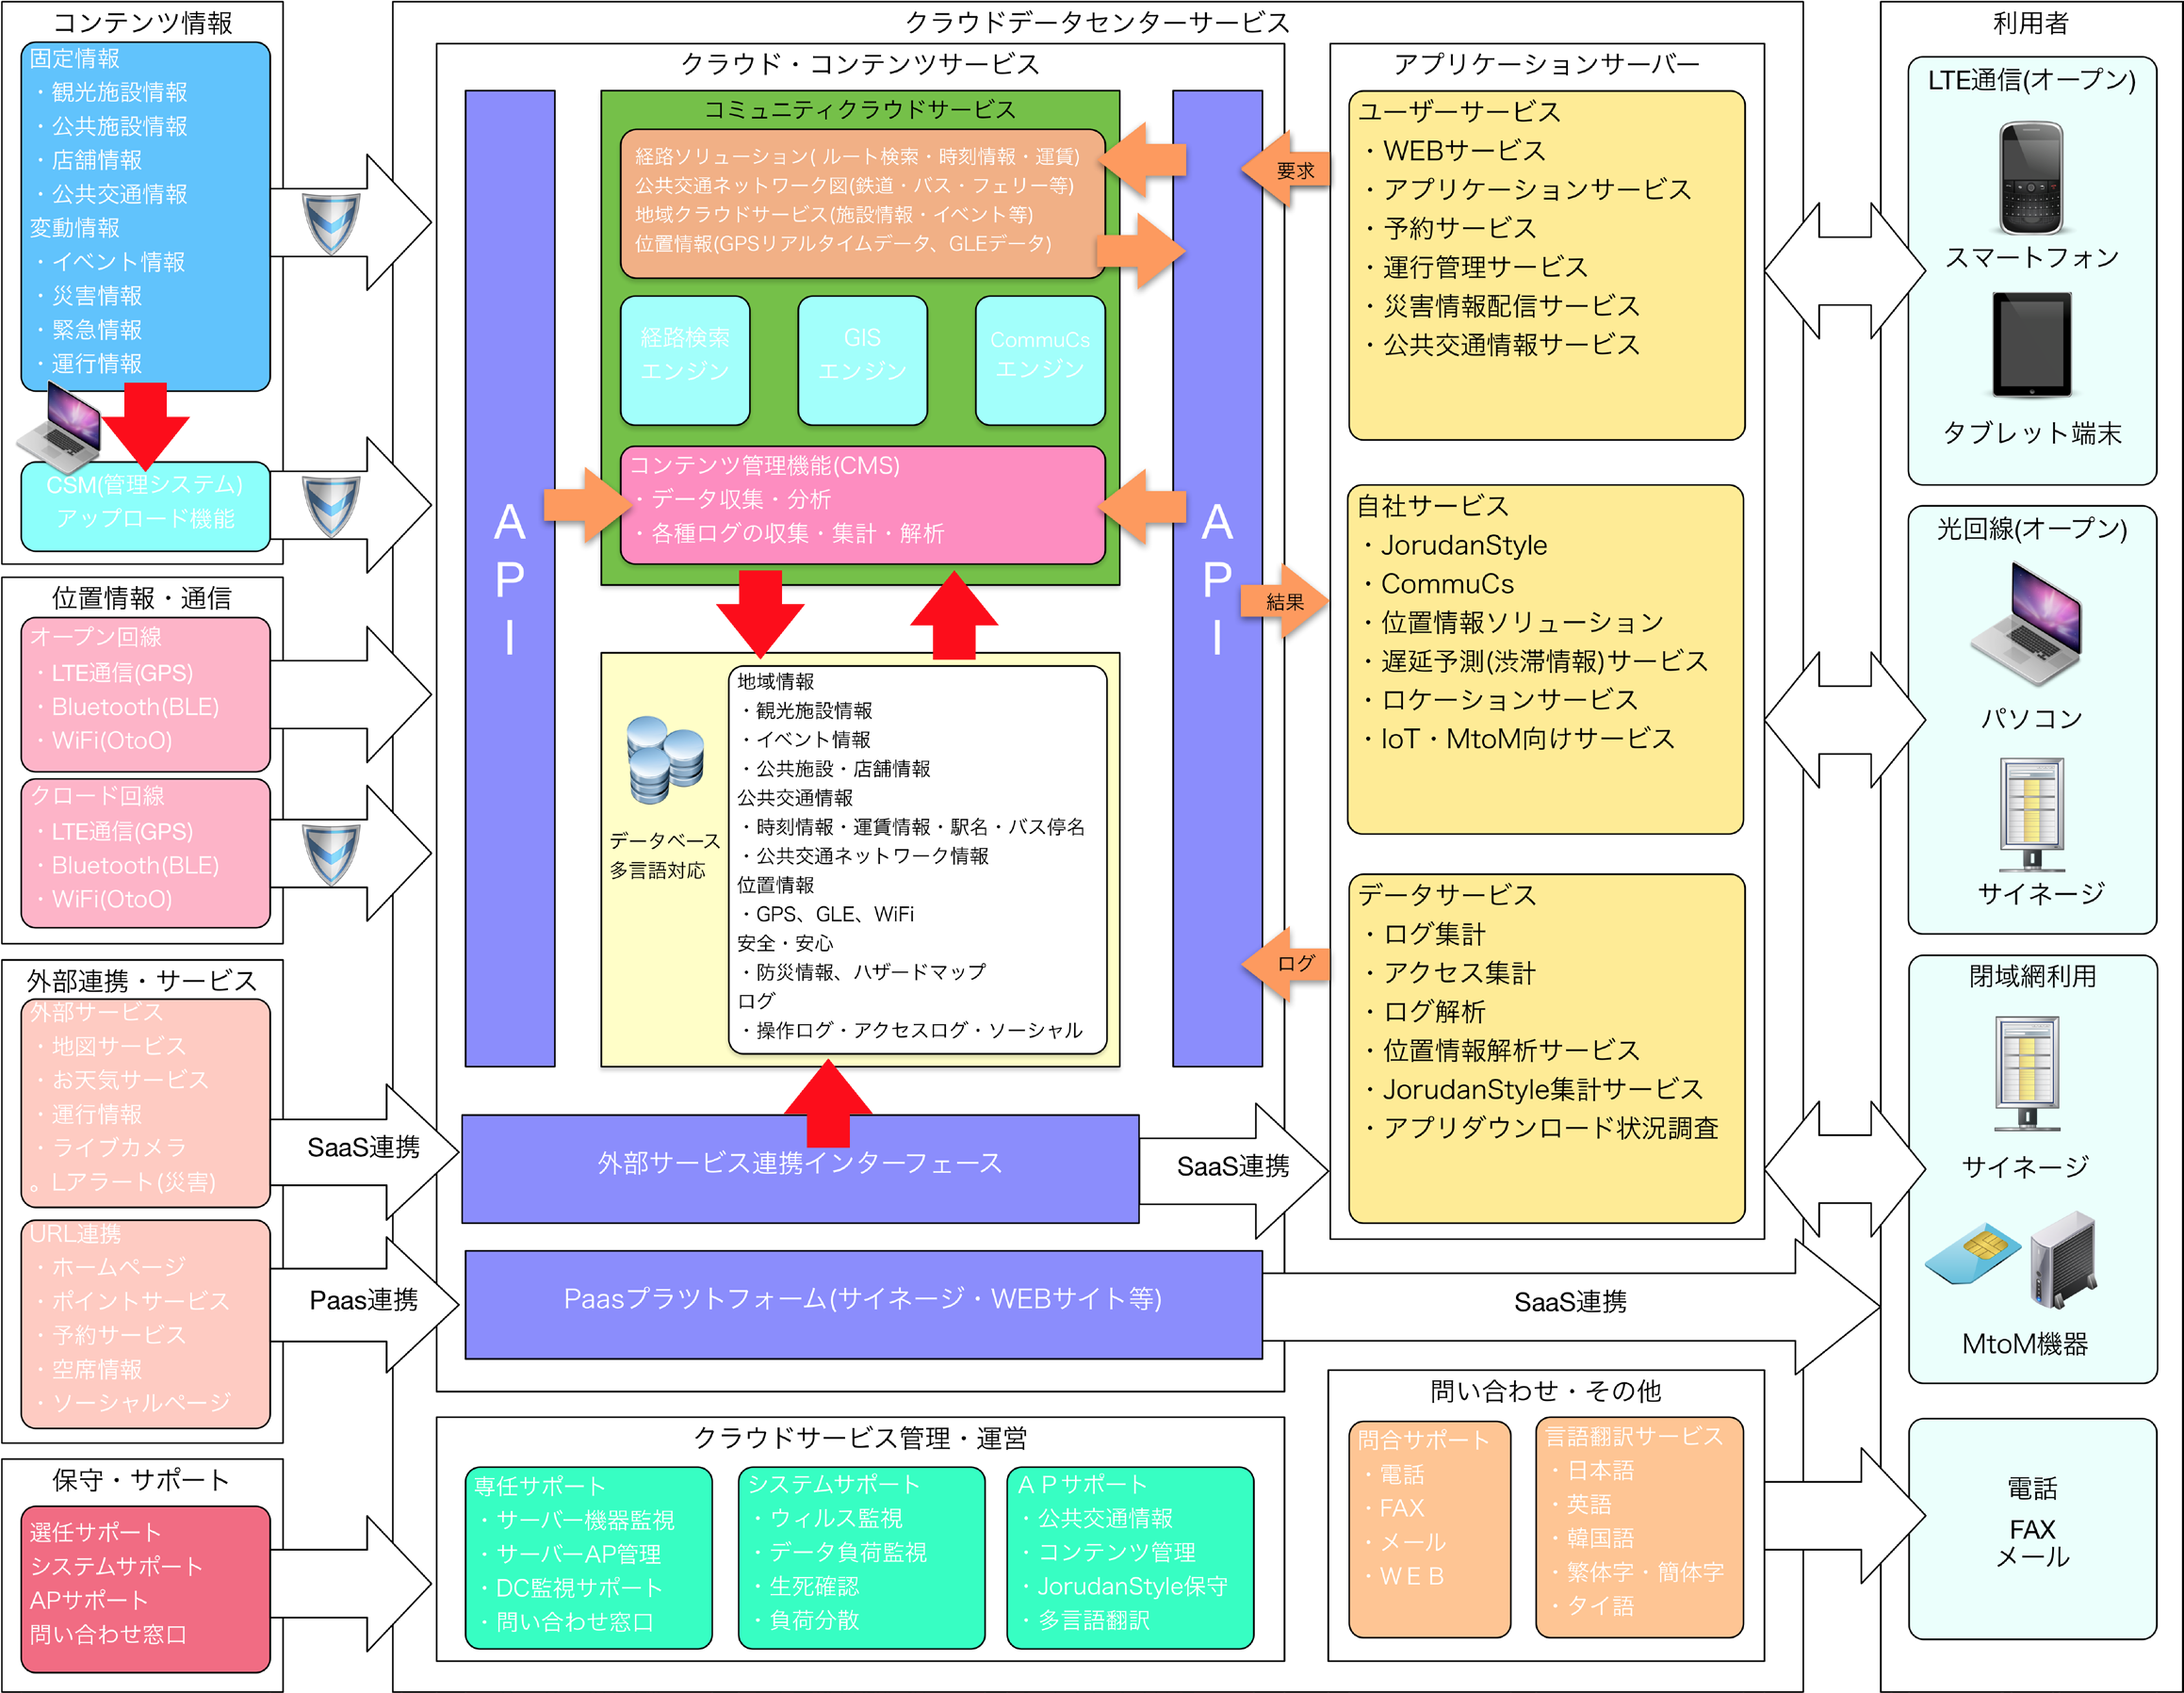 ジョルダンクラウド概念図。コンテンツ入力からWEBAPI連携、スマートフォンやサイネージ、PCなどへの出力までの流れを記載